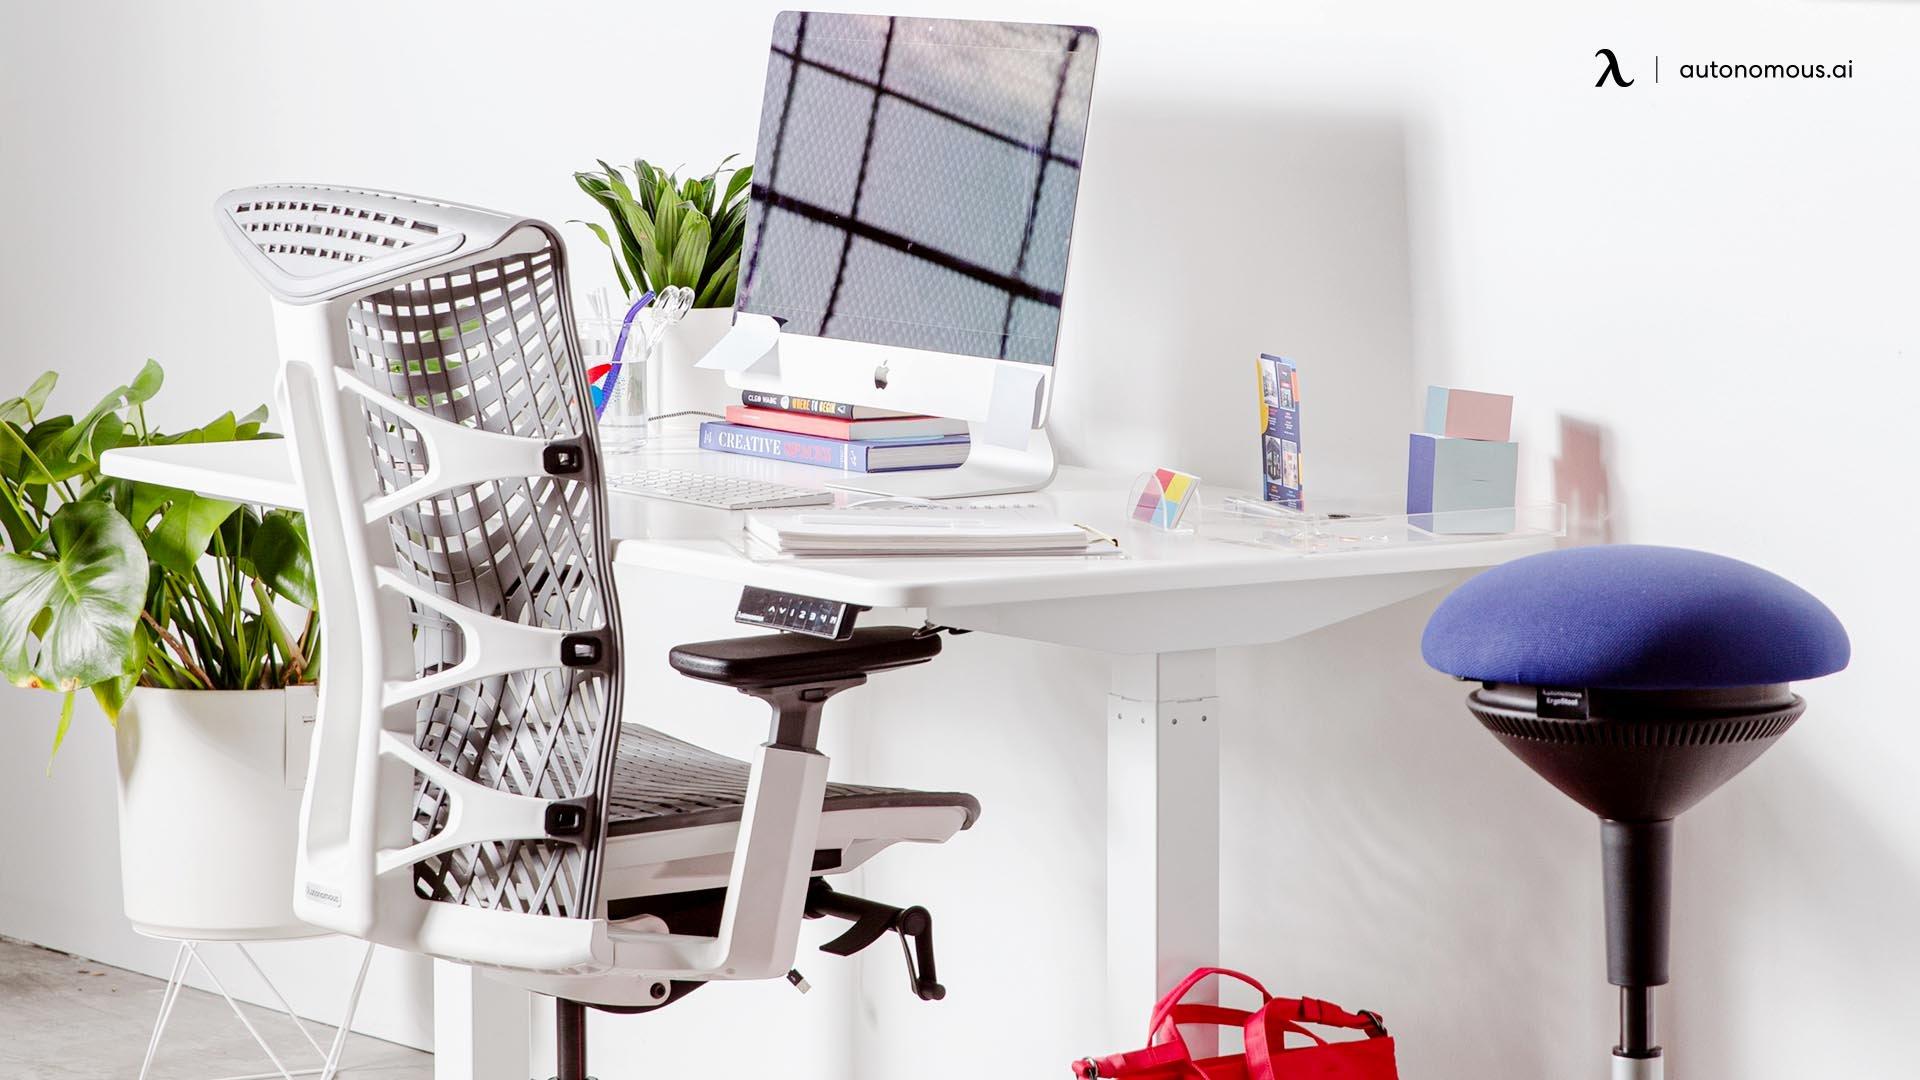 A Smart Ergonomic Chair